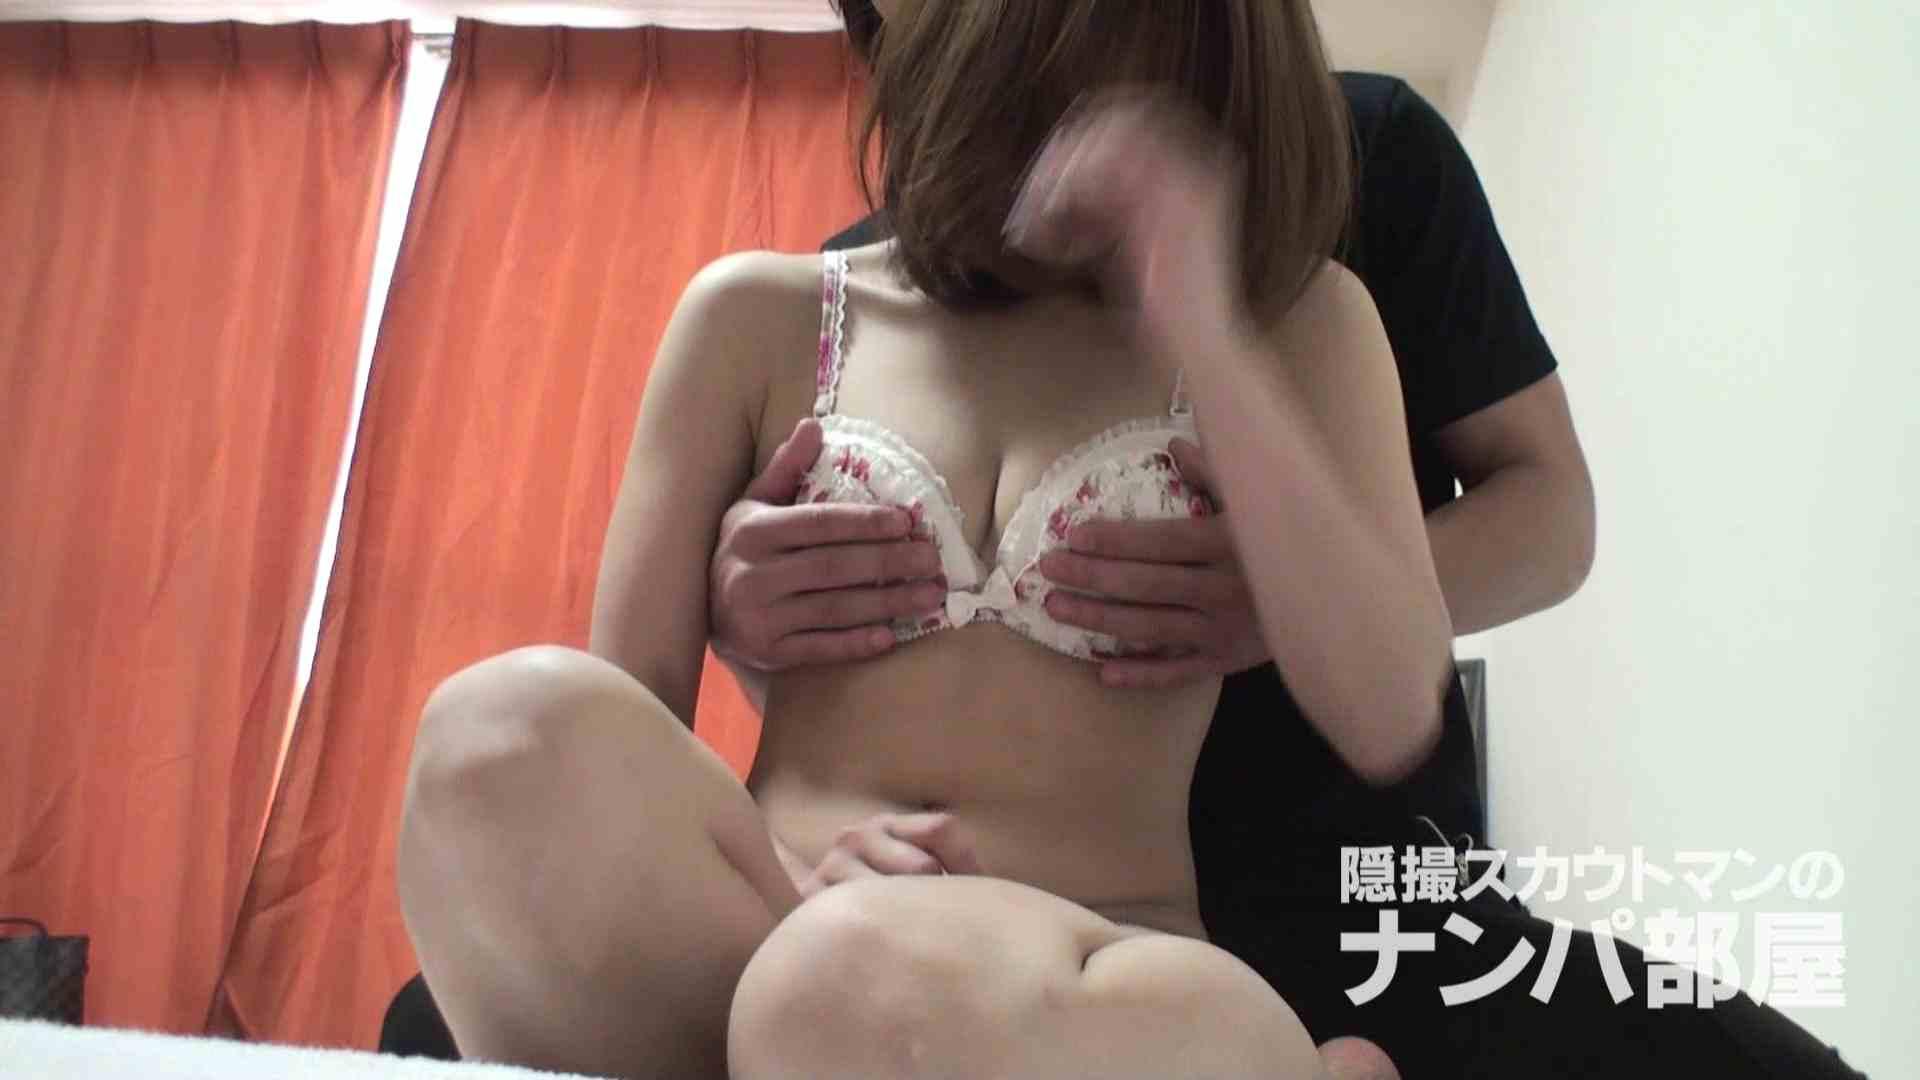 隠撮スカウトマンのナンパ部屋~風俗デビュー前のつまみ食い~ siivol.2 脱衣所  110枚 68